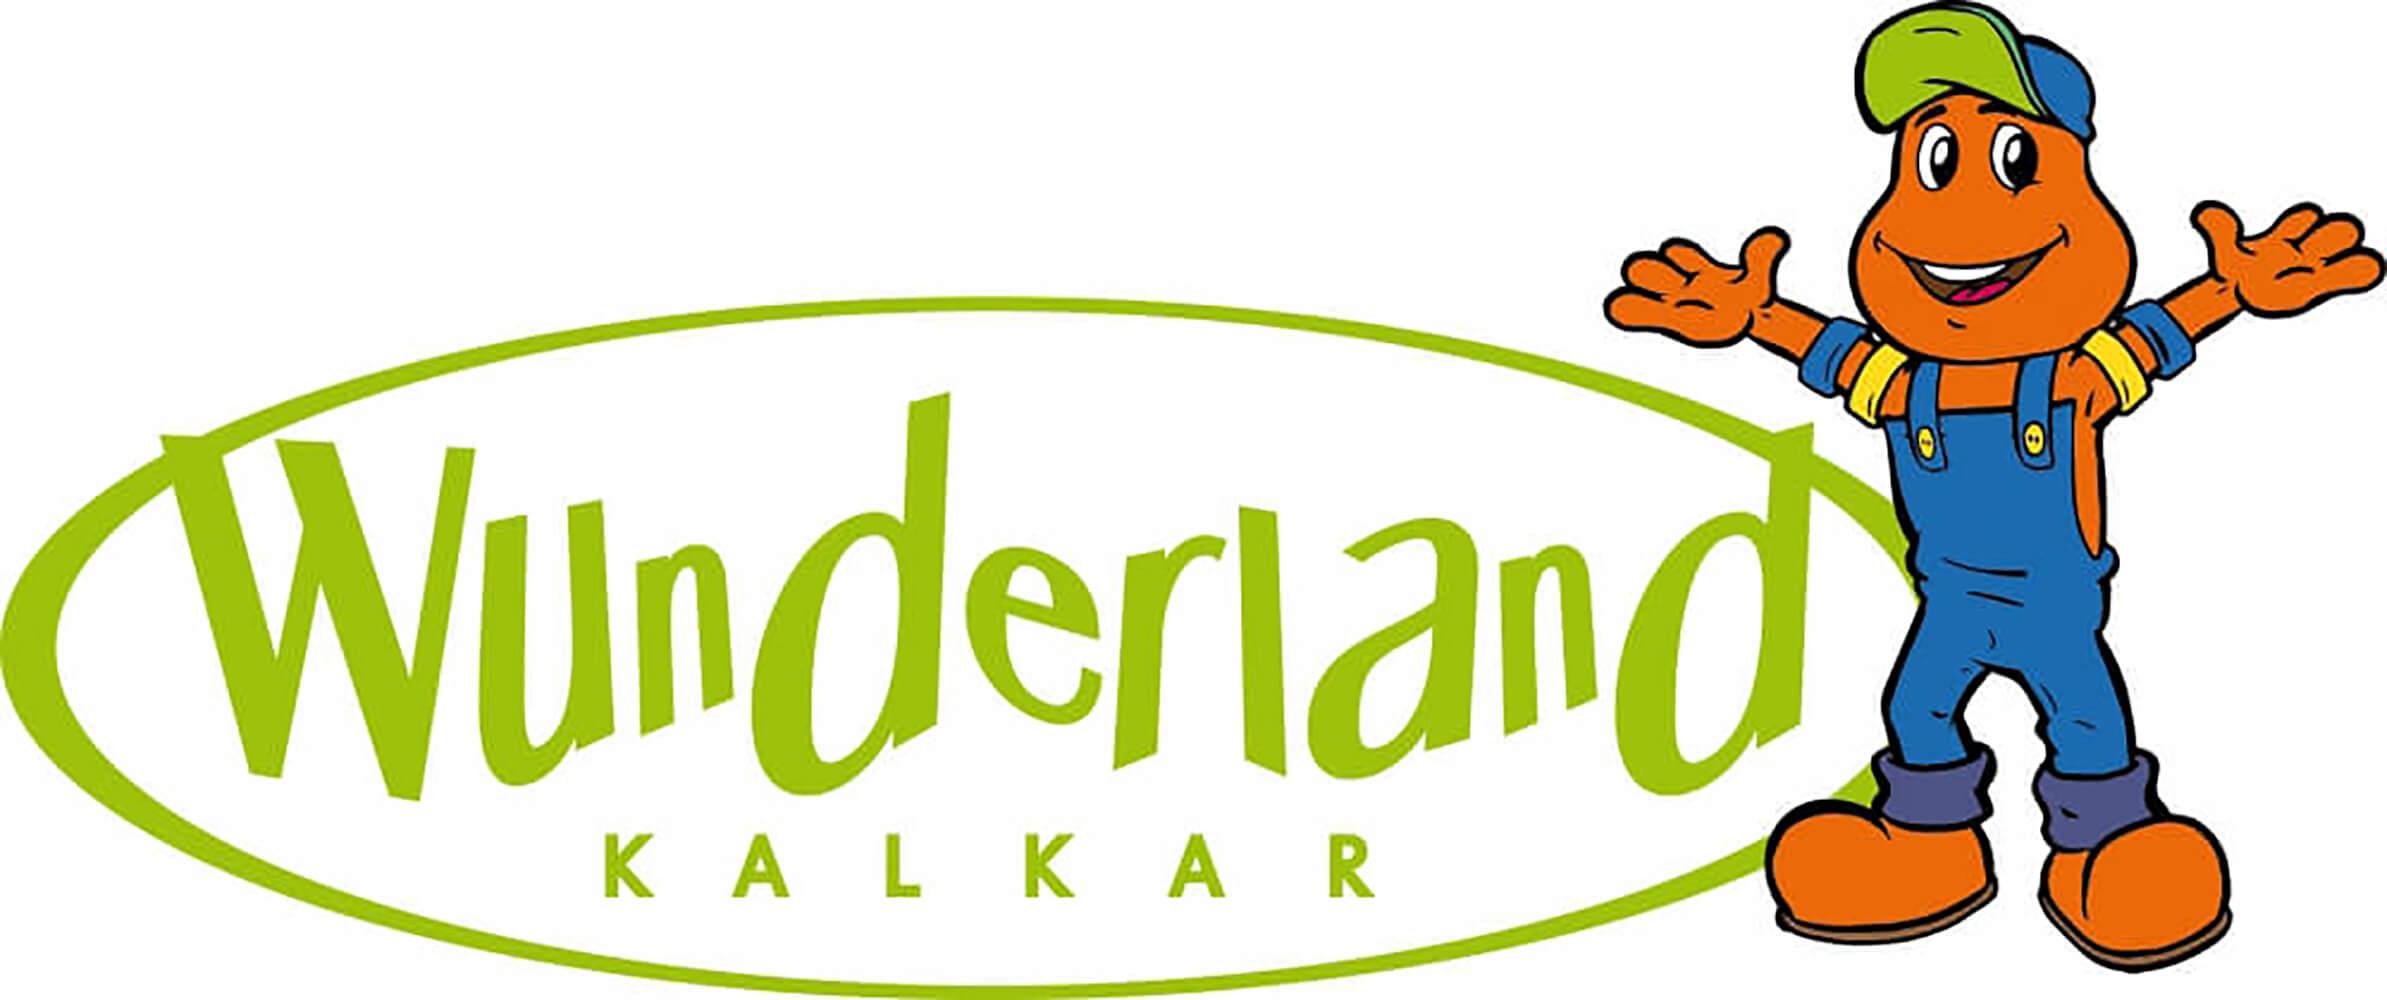 Logo zu Energiegeladener Spaß in Kernie`s Familienpark